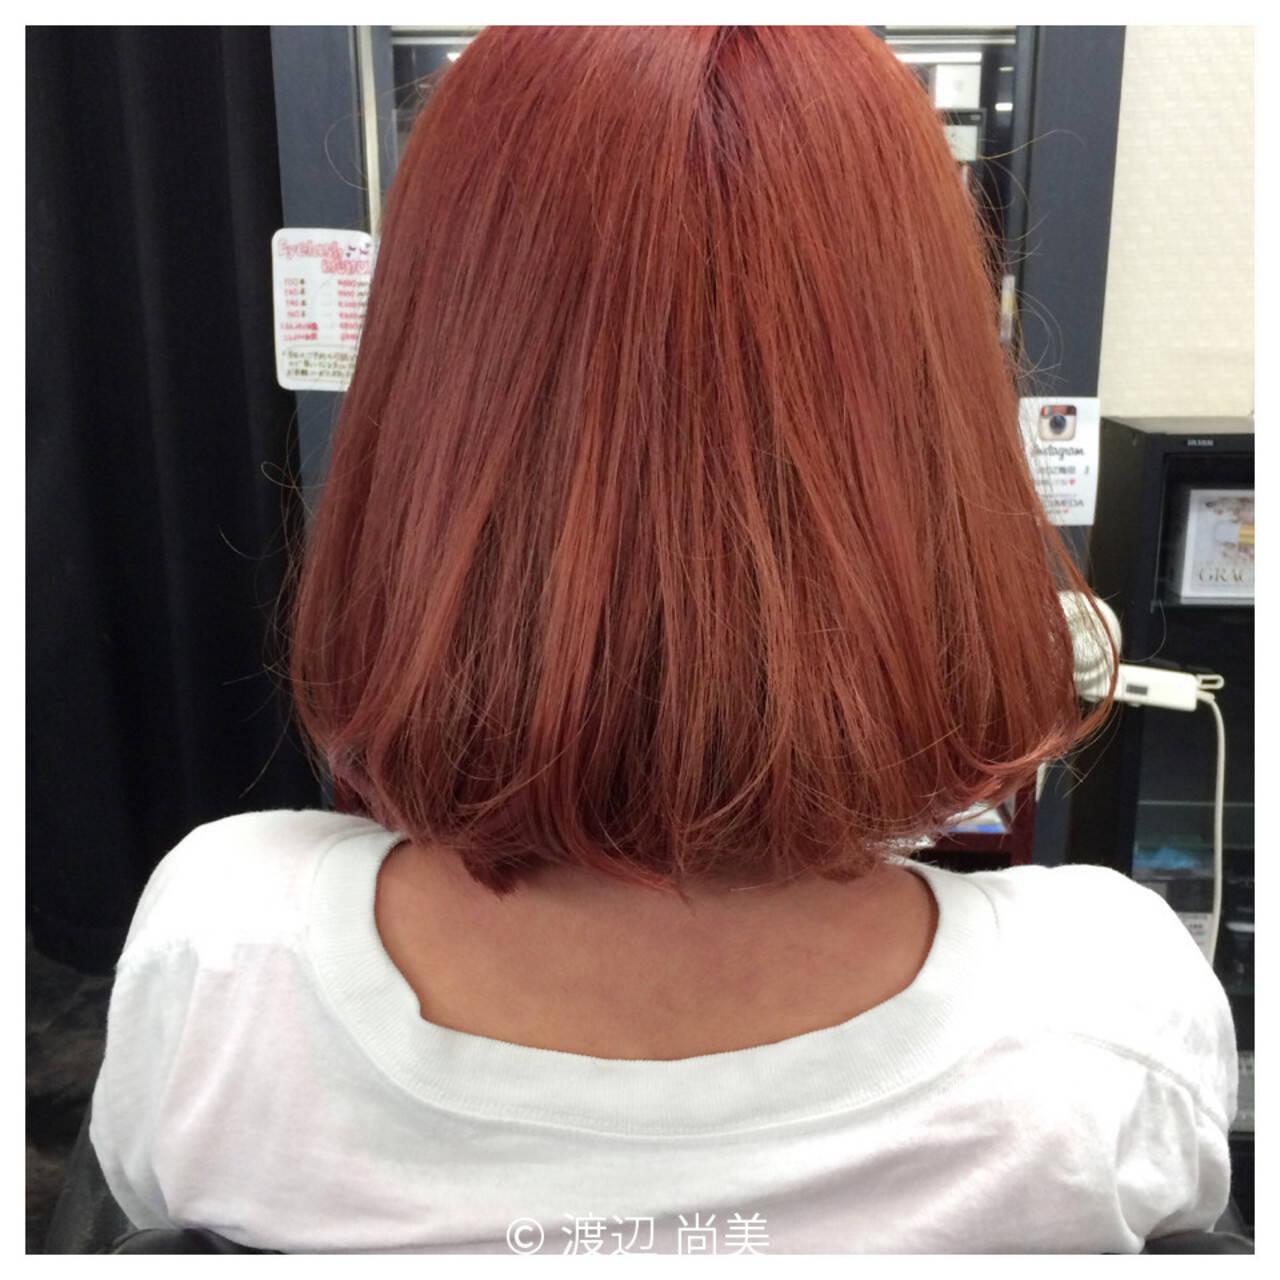 フェミニン ゆるふわ ガーリー ボブヘアスタイルや髪型の写真・画像